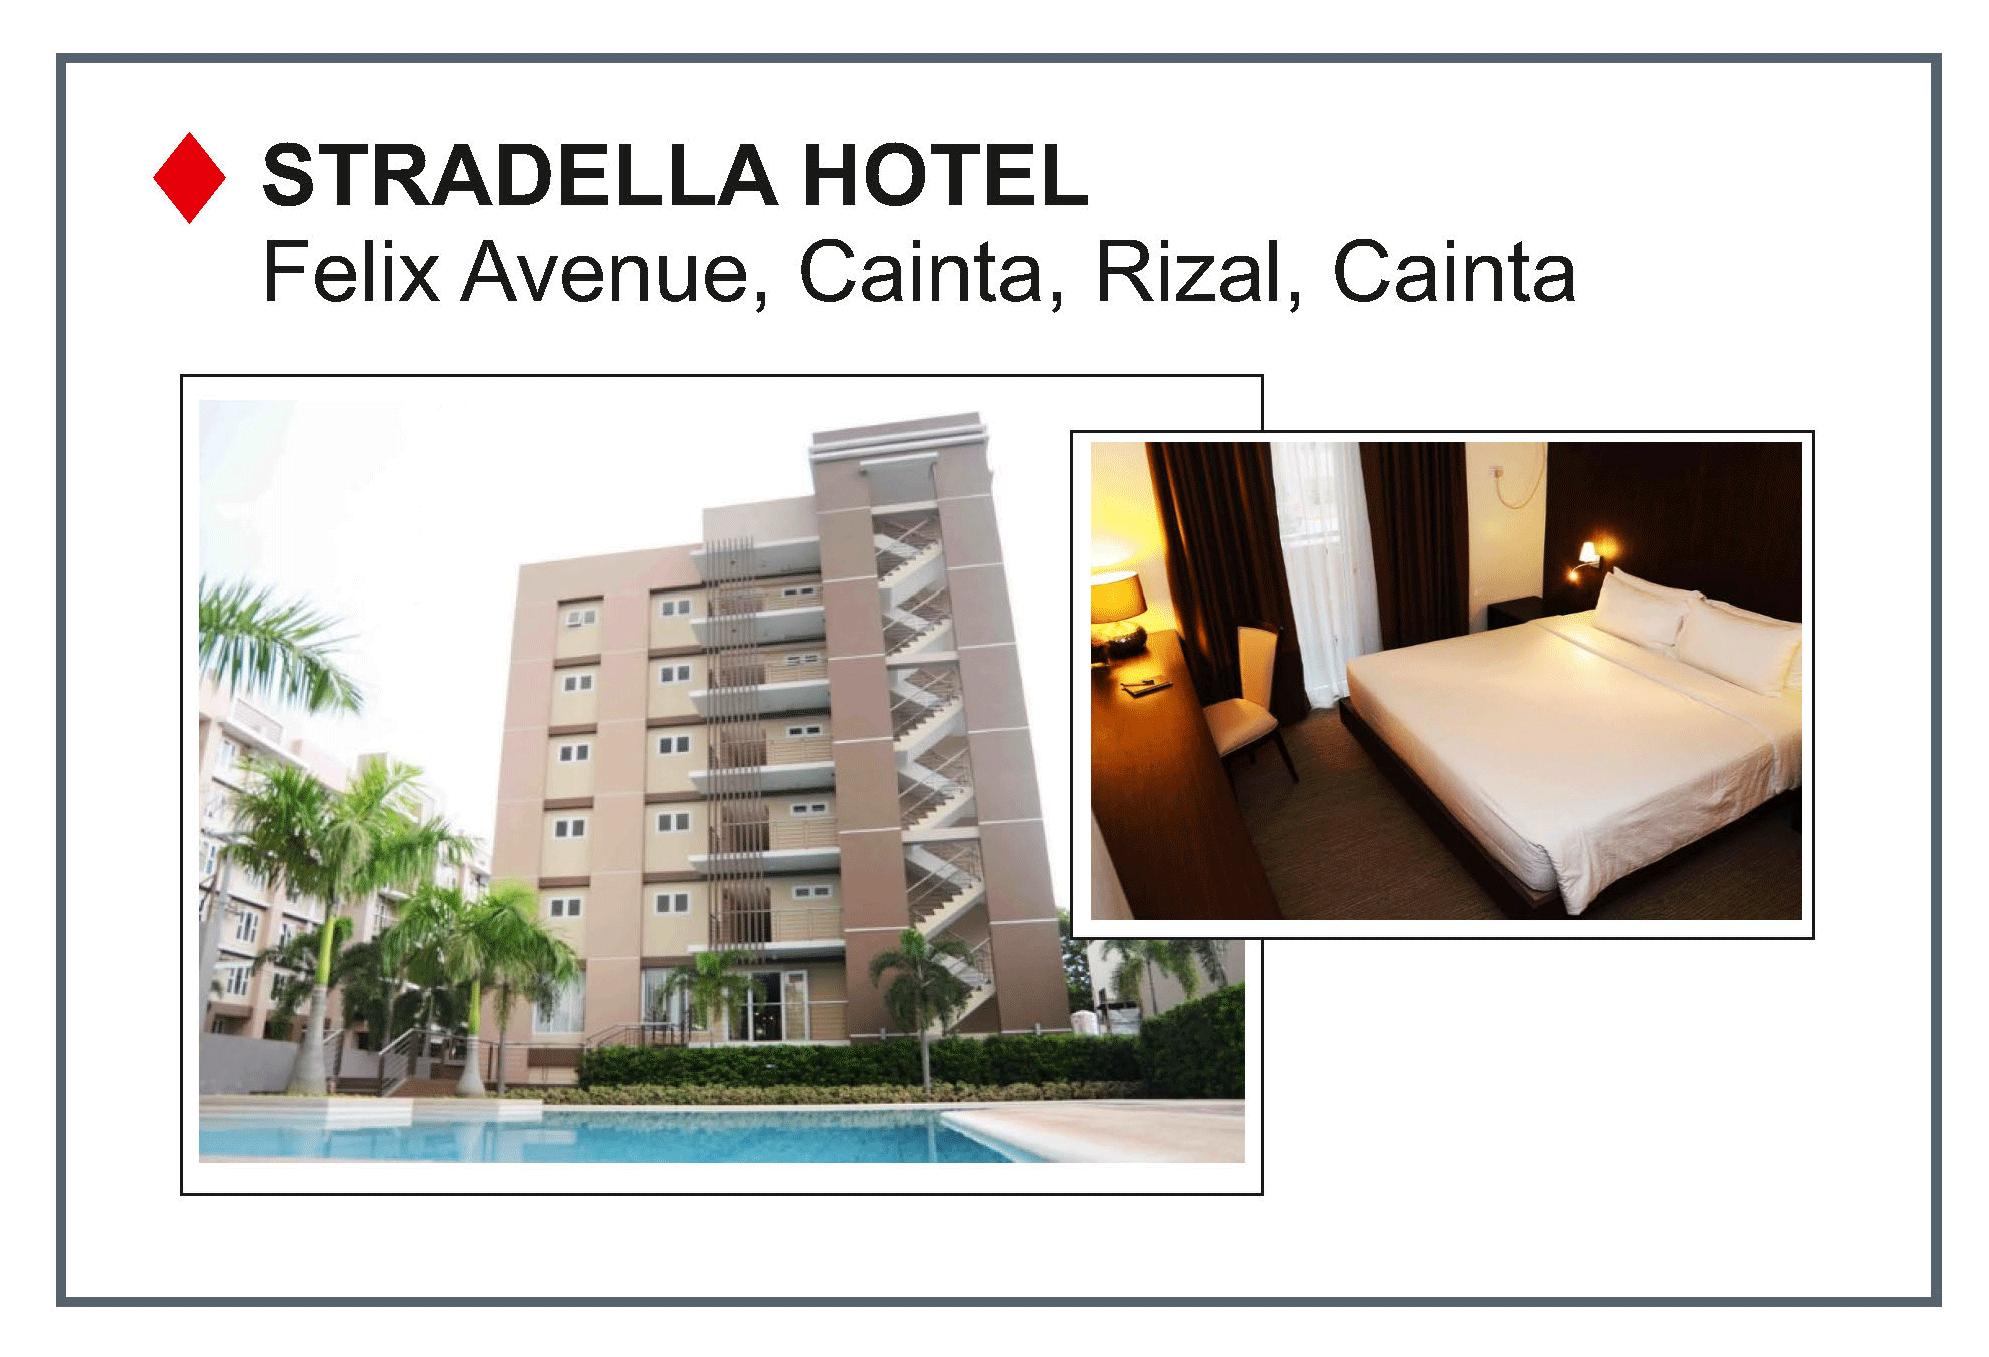 STRADELLA-HOTEL